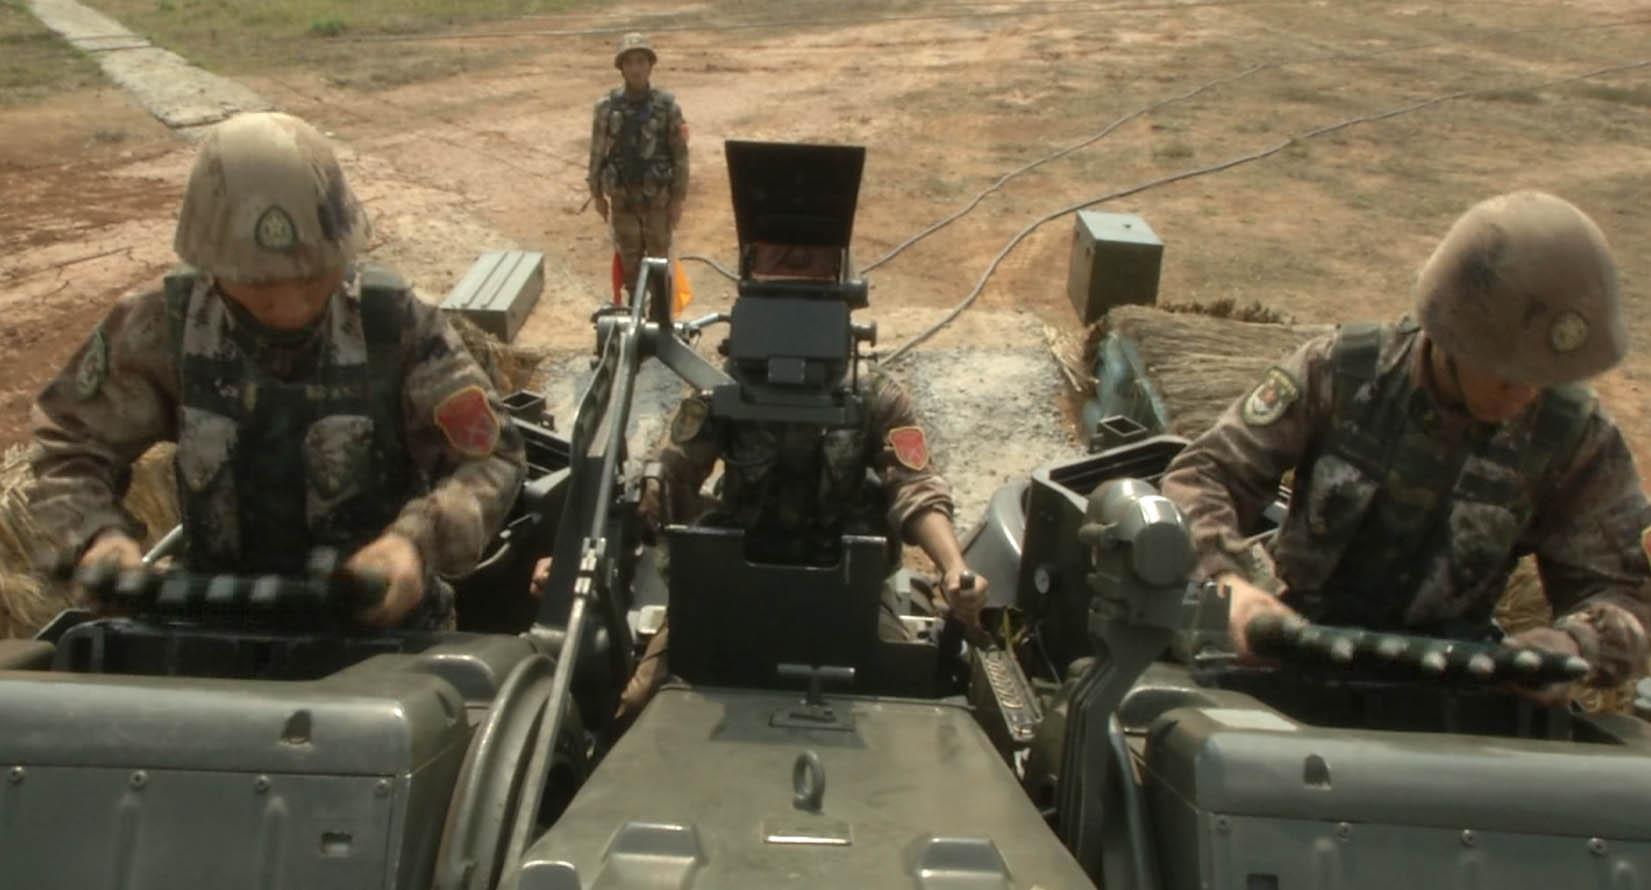 中国解放军今天在中缅边境实弹演习 (组图)